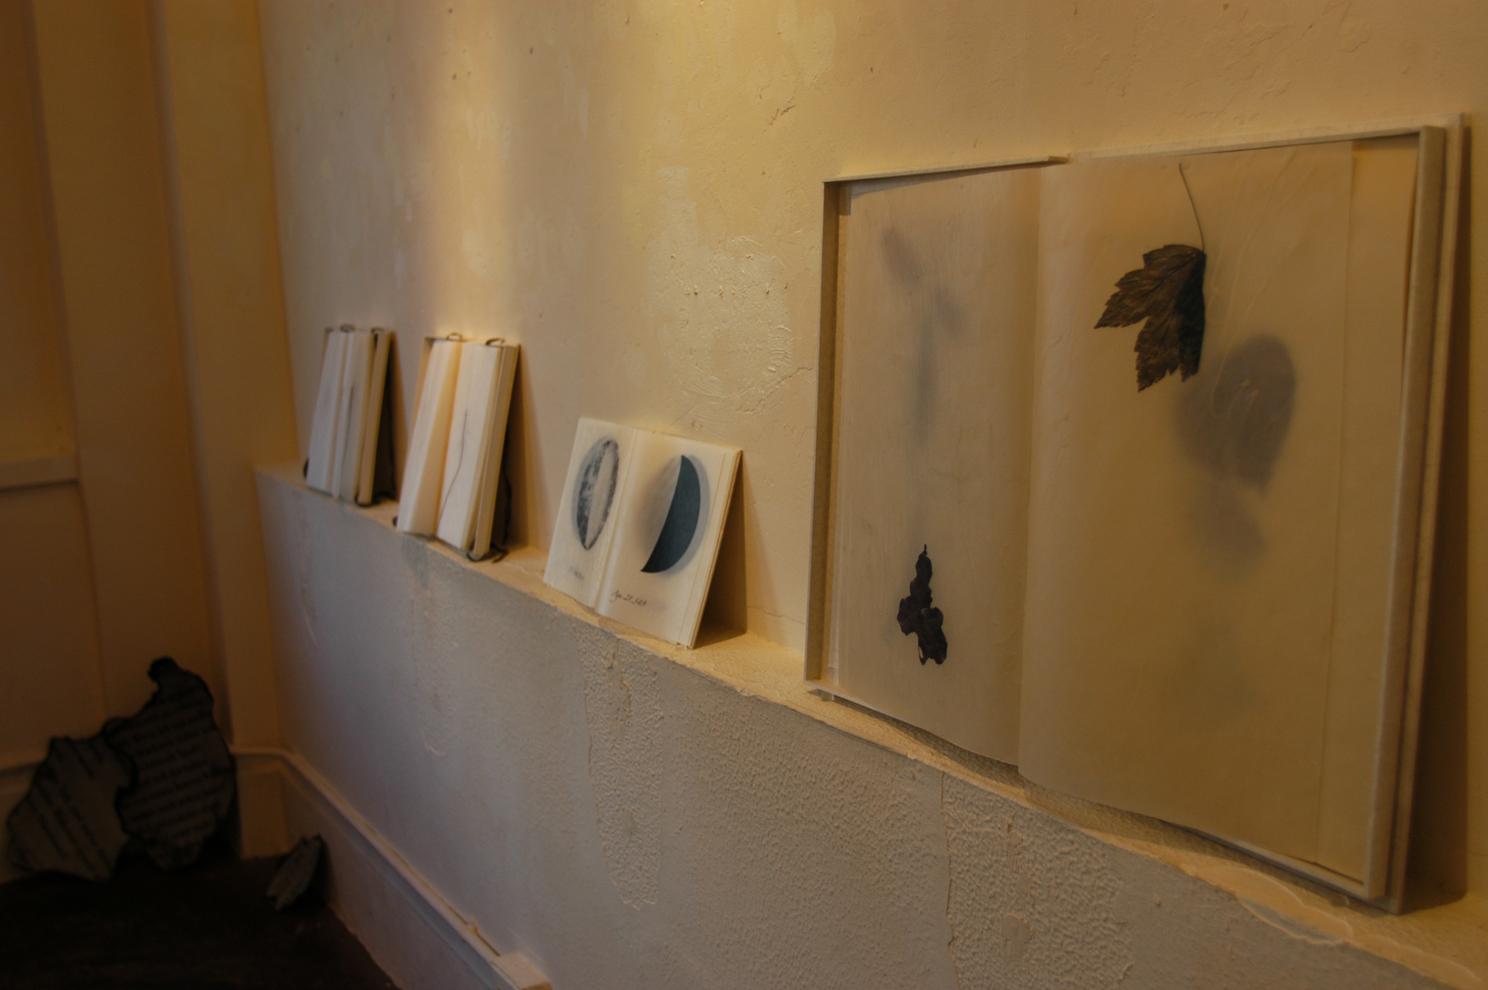 ADACHI Ryoko - book art, paper, shelf